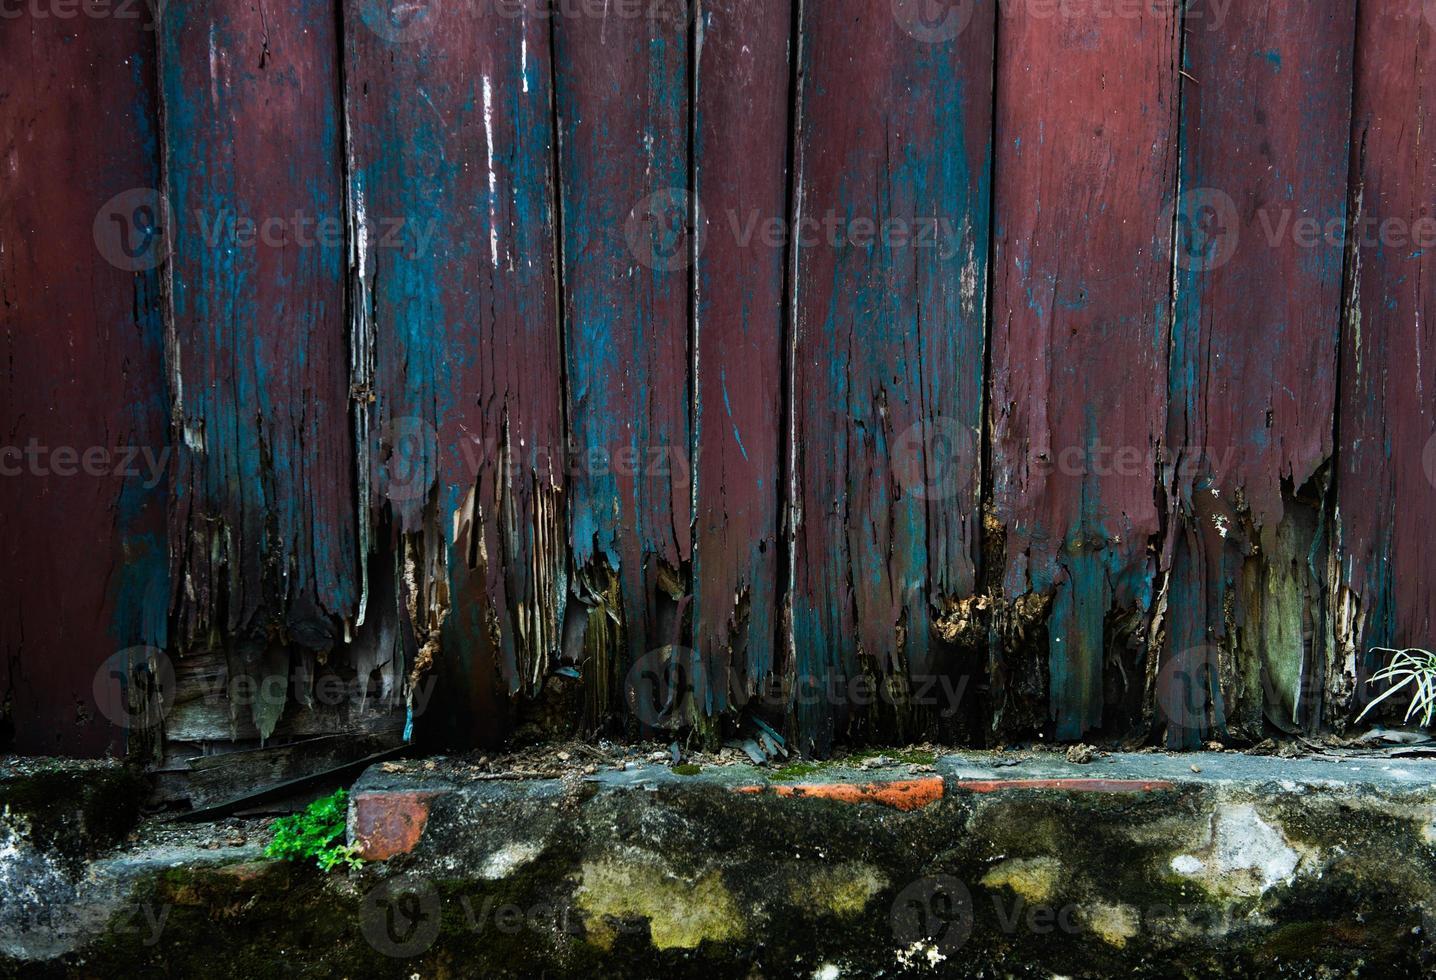 oude houten planken foto